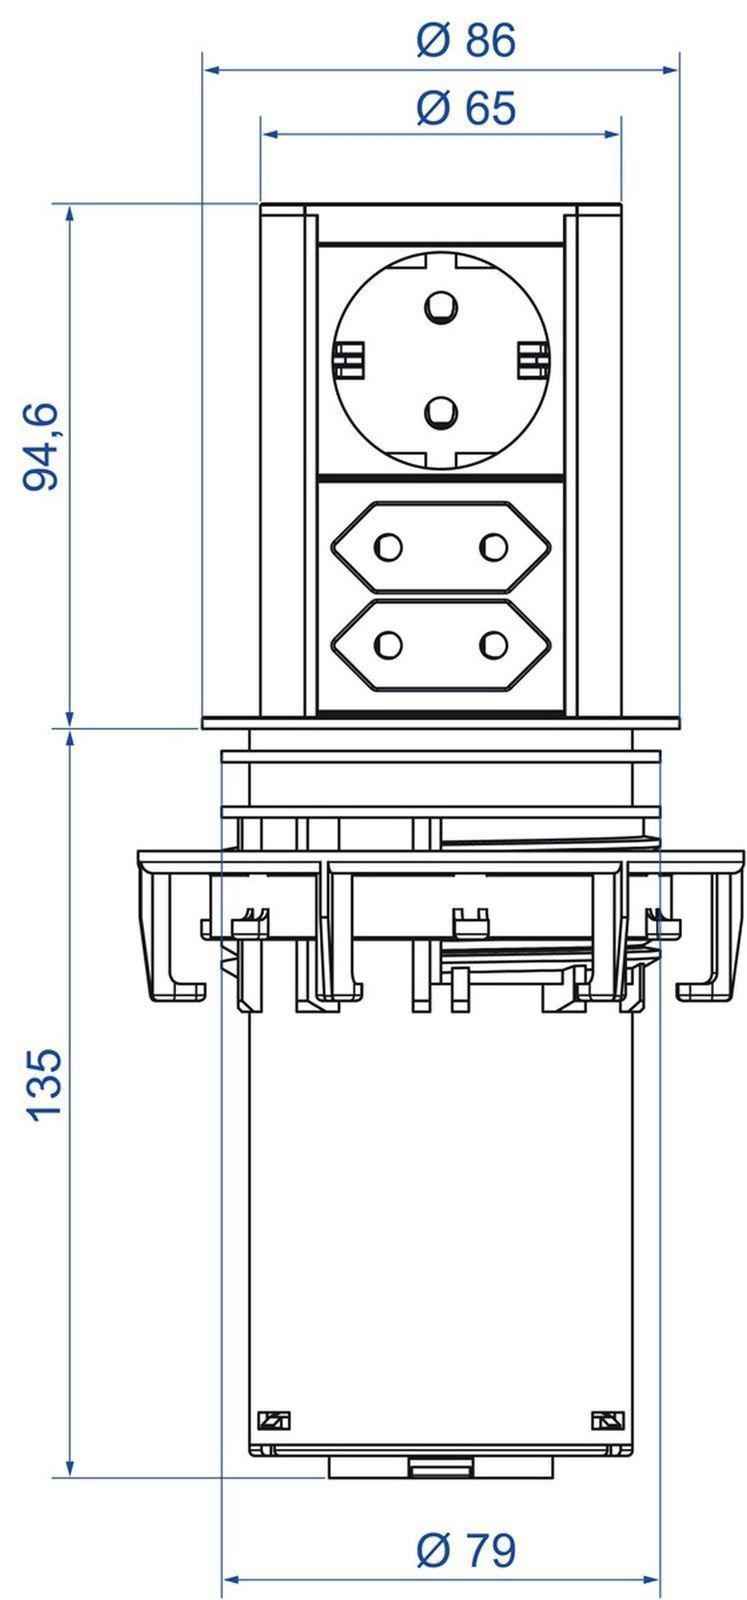 k chen einbau steckdose elevator ausfahrbar 1 schuko 2 euro steckdosen 547371 kaufen bei. Black Bedroom Furniture Sets. Home Design Ideas